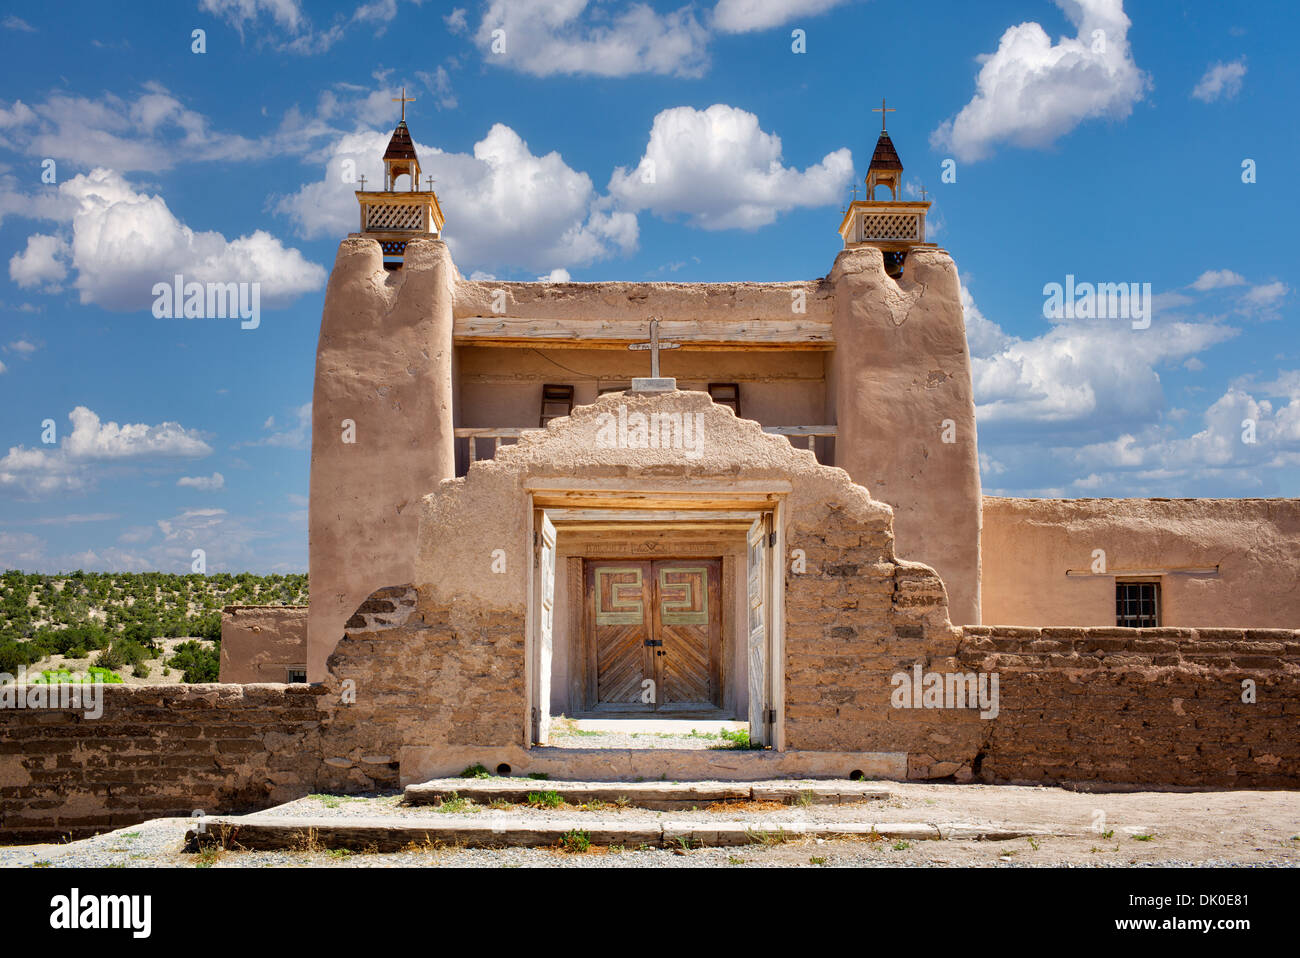 San Jose de Gracia chiesa cattolica. Nuovo Messico Immagini Stock